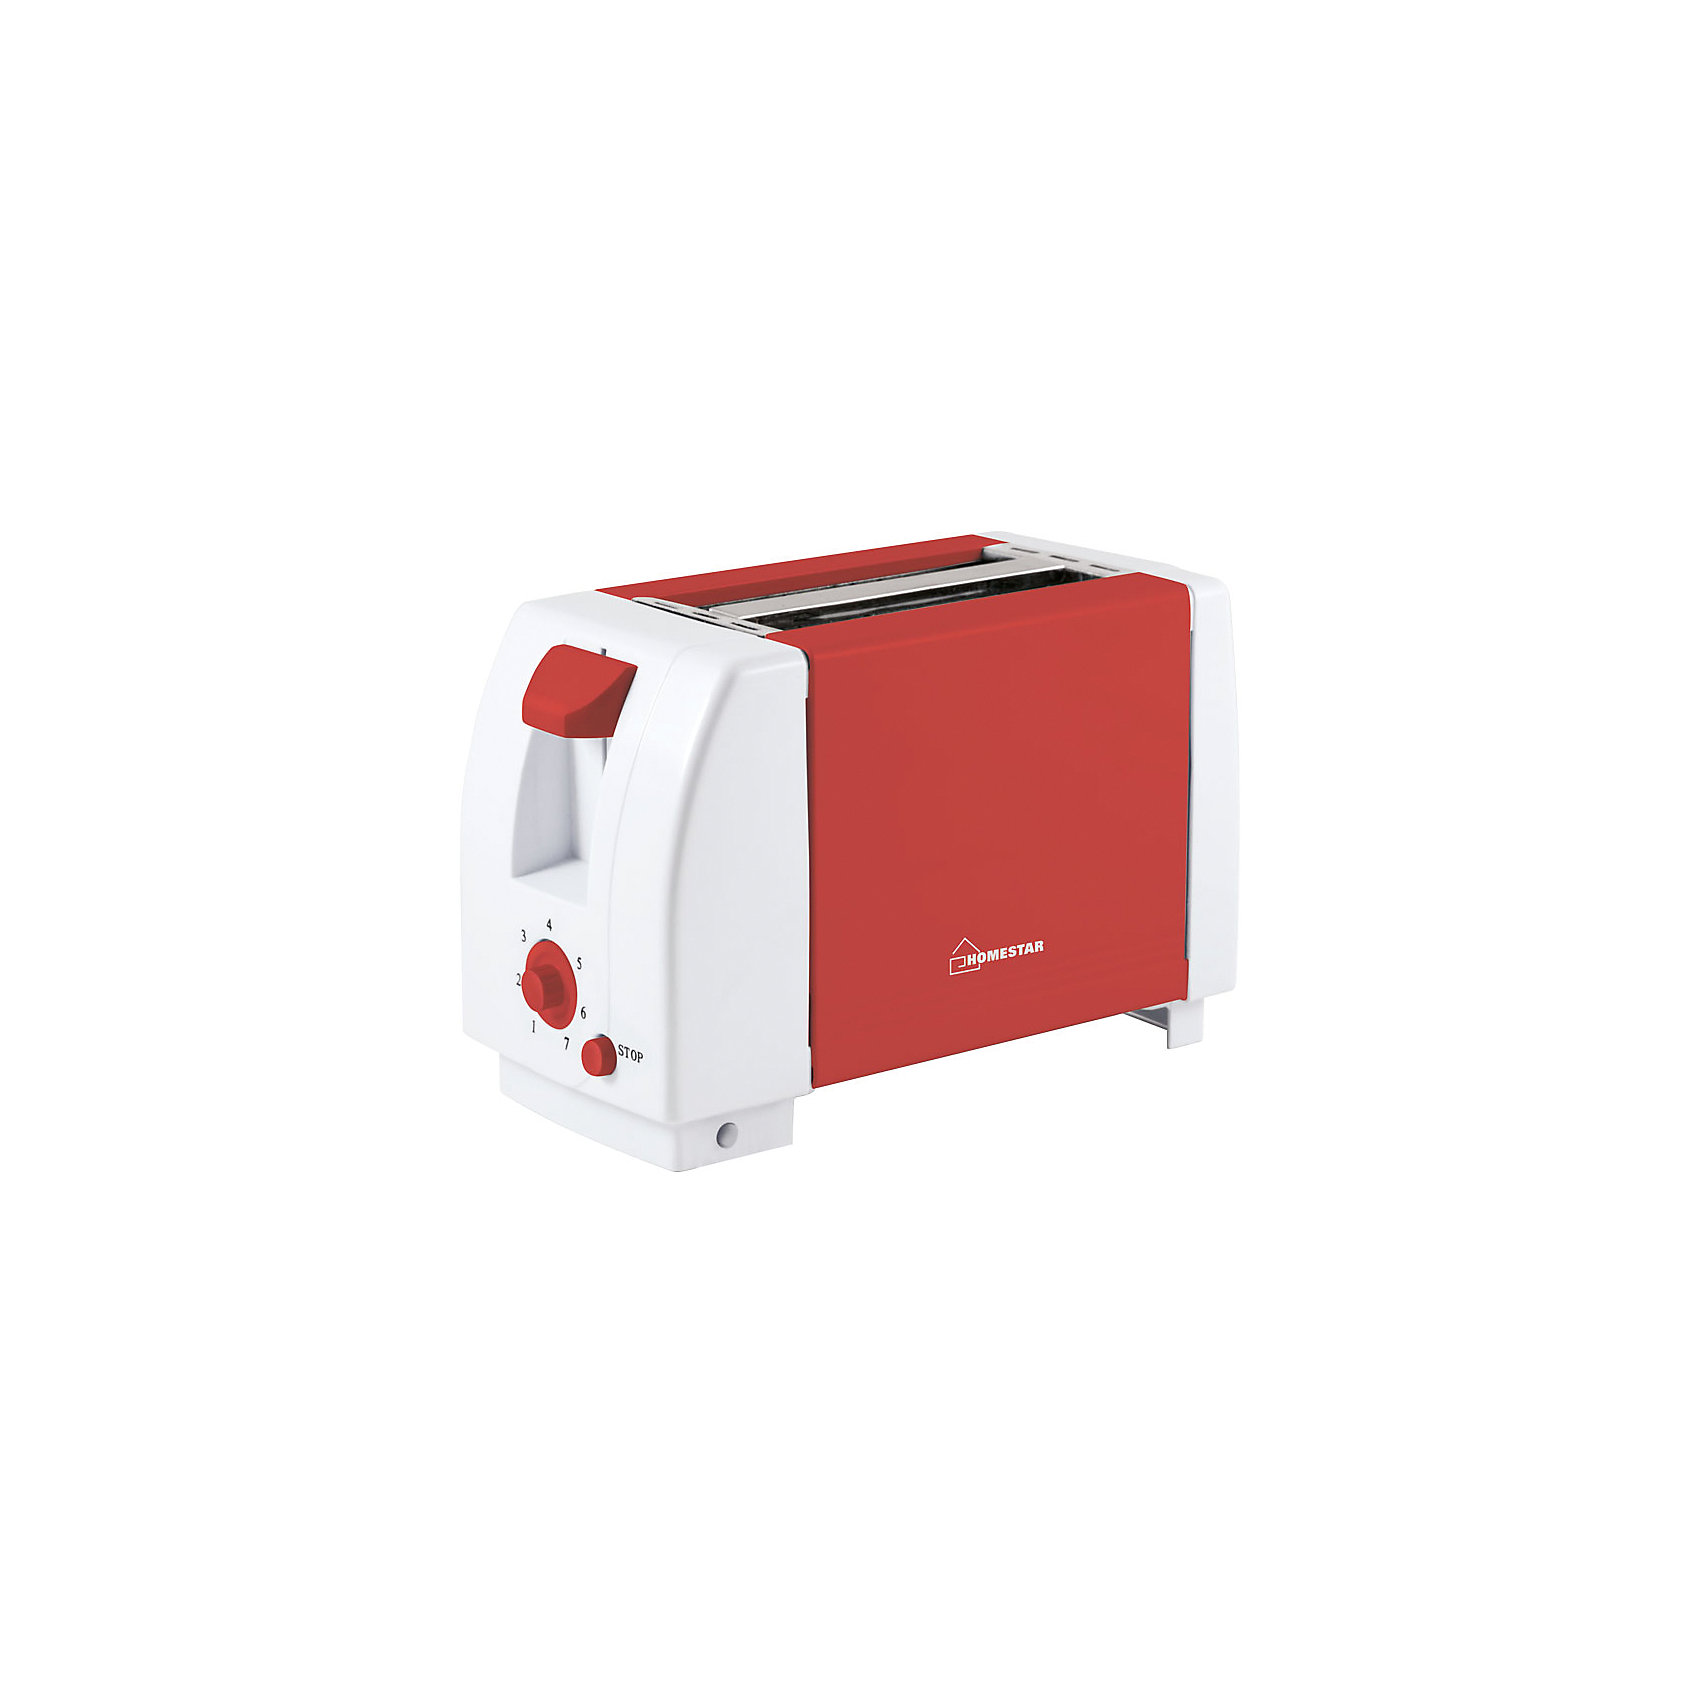 Тостер HS-2002  750Вт, HomeStar, коралловыйБытовая техника для кухни<br>Приготовить хрустящие тосты помогает функциональный тостер HomeStar. 7 степеней прожарки хлеба дают возможность выбрать подходящий режим: с более поджаренной корочкой или только слегка подрумяненной. После приготовления тостов, они автоматически поднимутся наверх. На тостере имеется кнопка отмены выбранного режима. Тостер оснащен двумя широкими слотами для хлеба. Имеется специальный поддон для крошек. <br><br>Дополнительная информация:<br><br>Размеры тостера: 27,5х12,3х17,3 см<br><br>Мощность 750 Вт<br>Напряжение: 230В, 50 Гц<br><br>Тостер HS-2002  750Вт, HomeStar, коралловый можно купить в нашем интернет-магазине.<br><br>Ширина мм: 280<br>Глубина мм: 120<br>Высота мм: 180<br>Вес г: 990<br>Возраст от месяцев: 216<br>Возраст до месяцев: 1080<br>Пол: Унисекс<br>Возраст: Детский<br>SKU: 4989893